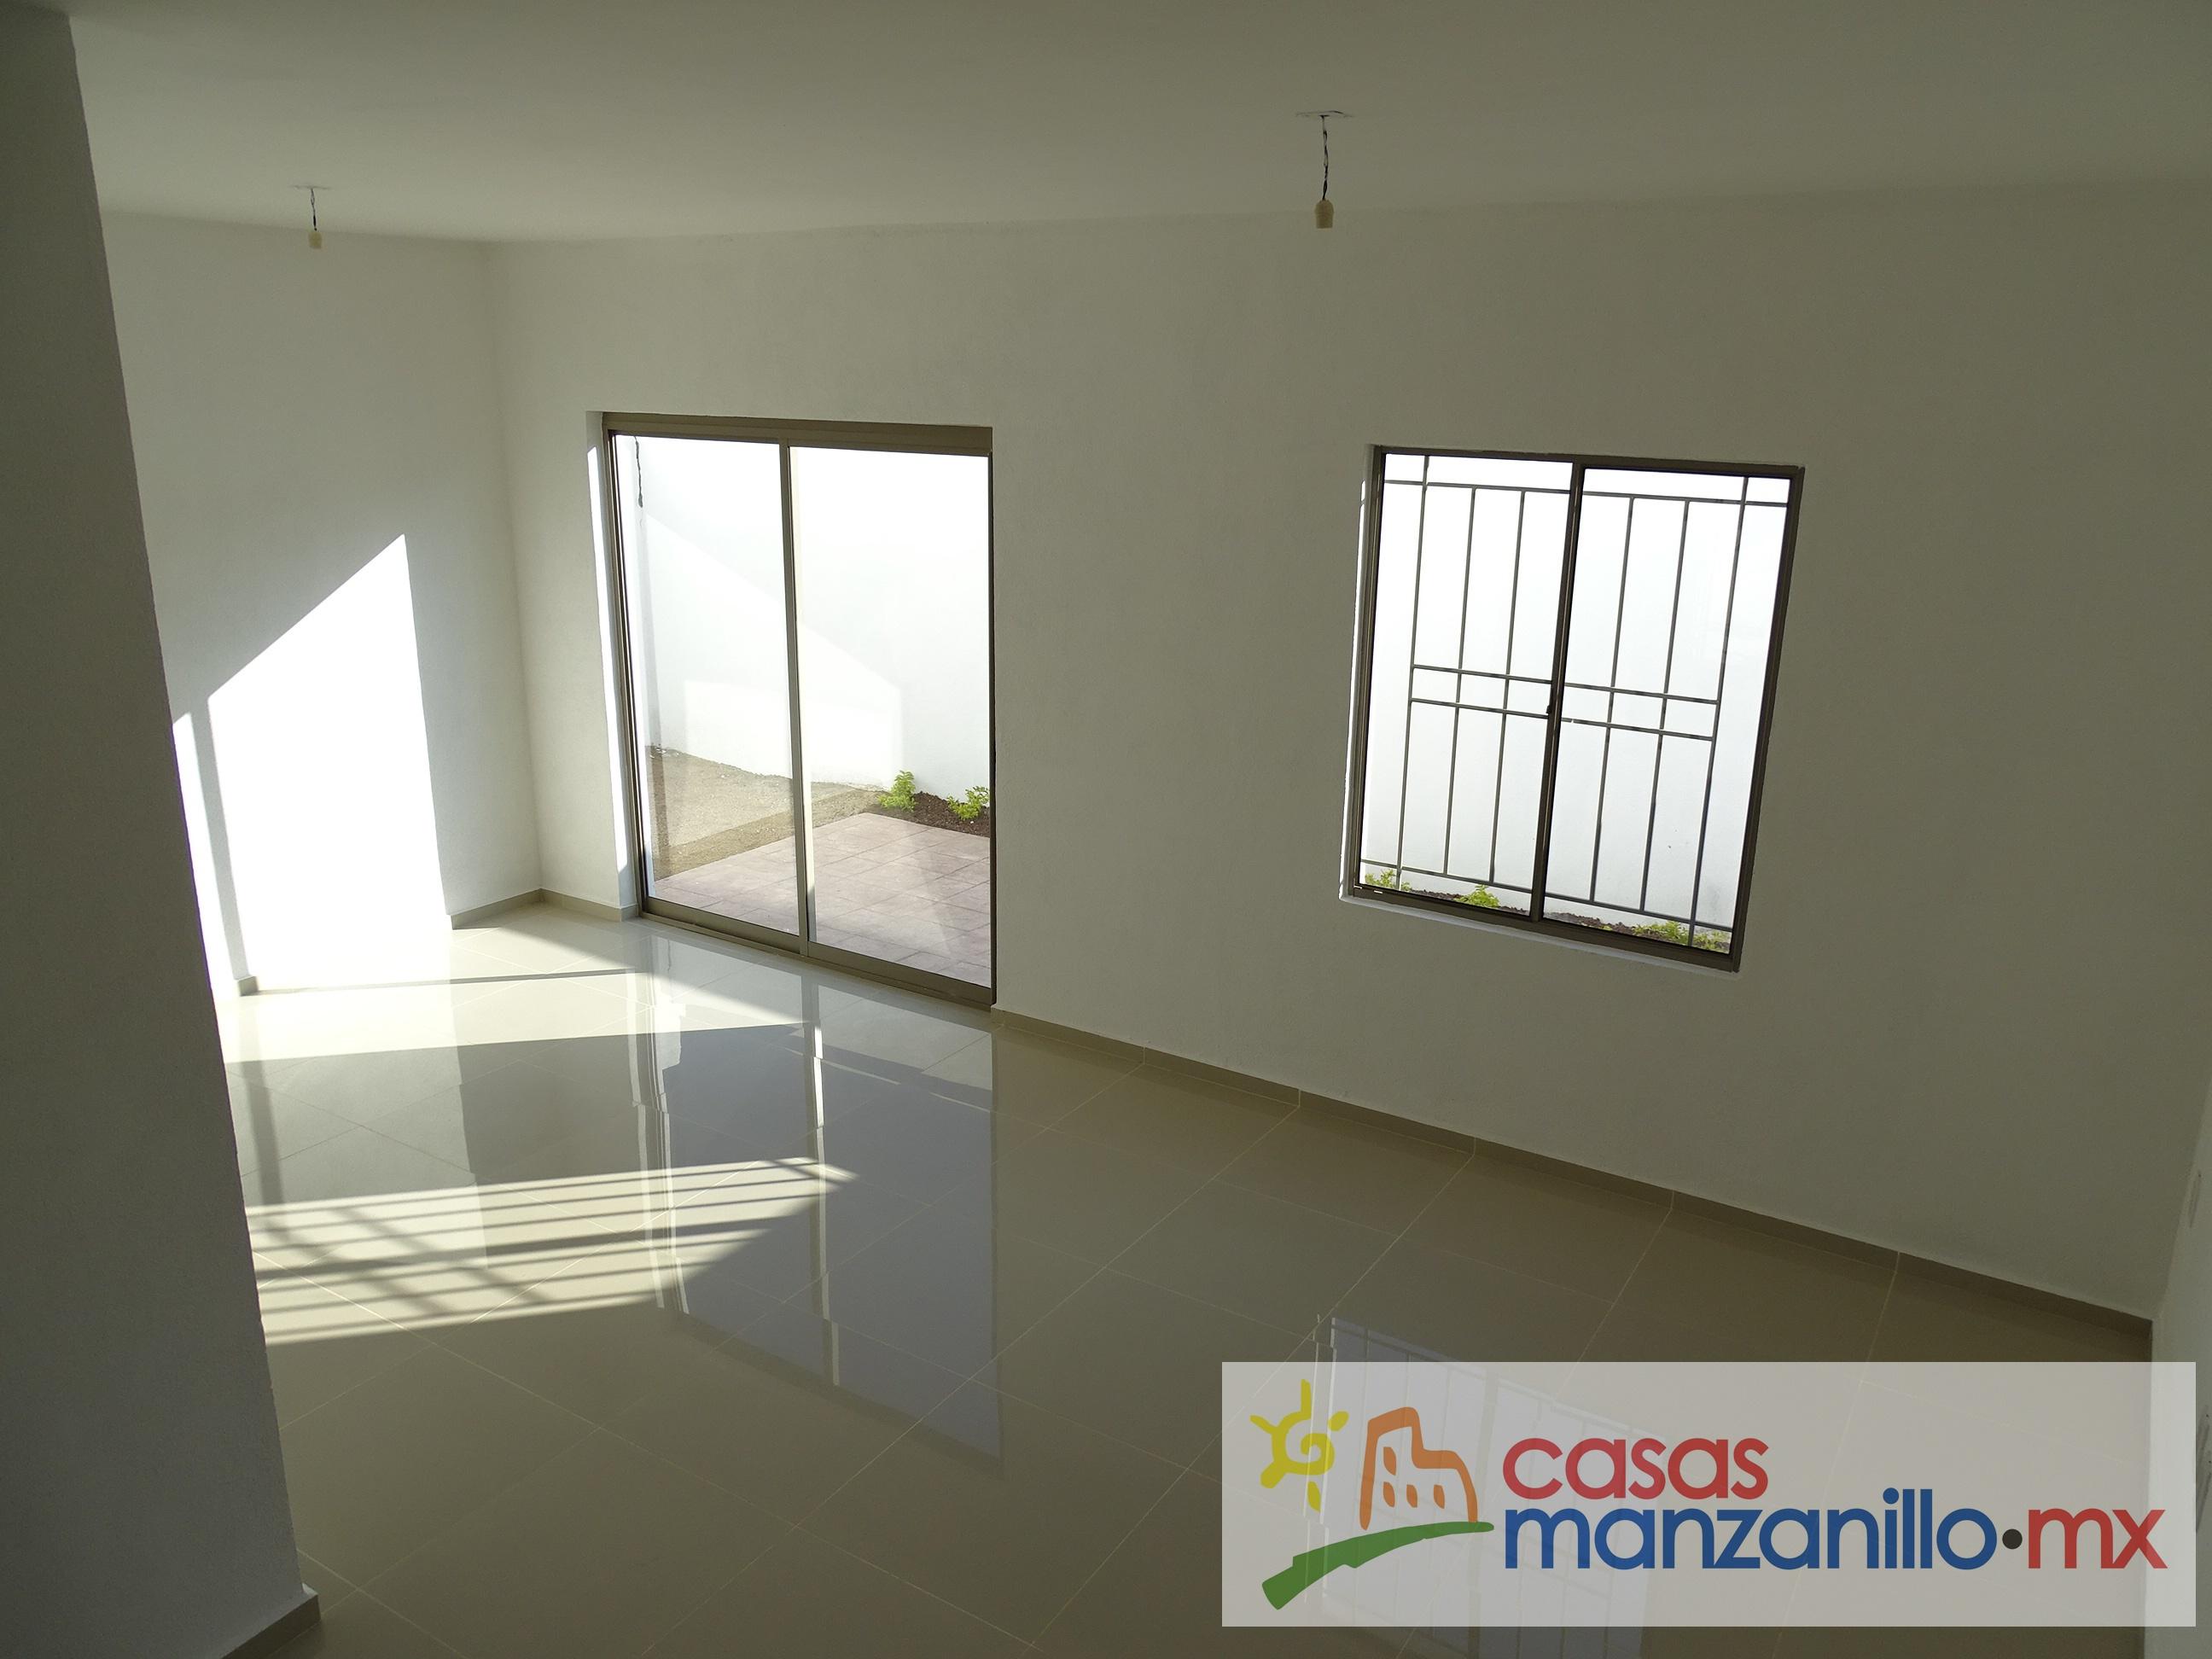 Casas Venta Manzanillo - Los Altos (7)